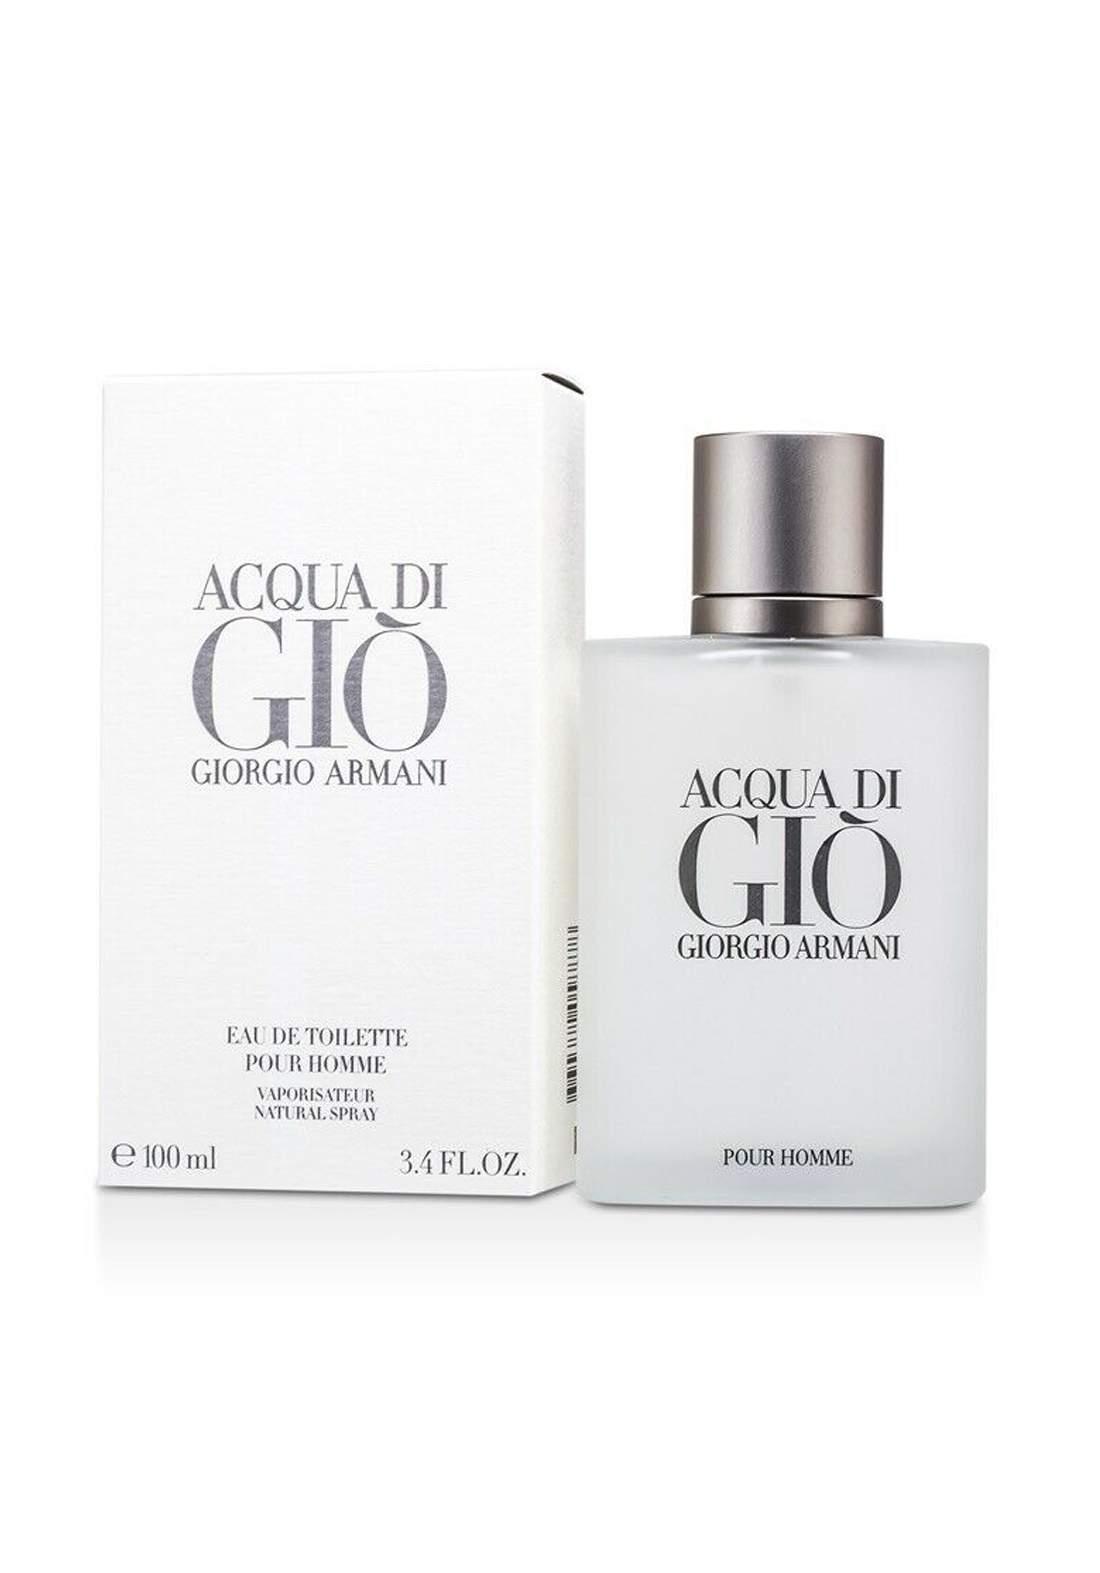 Giorgio Armani Acqua Di Gio Pour Homme EDT 100 mlعطر رجالي